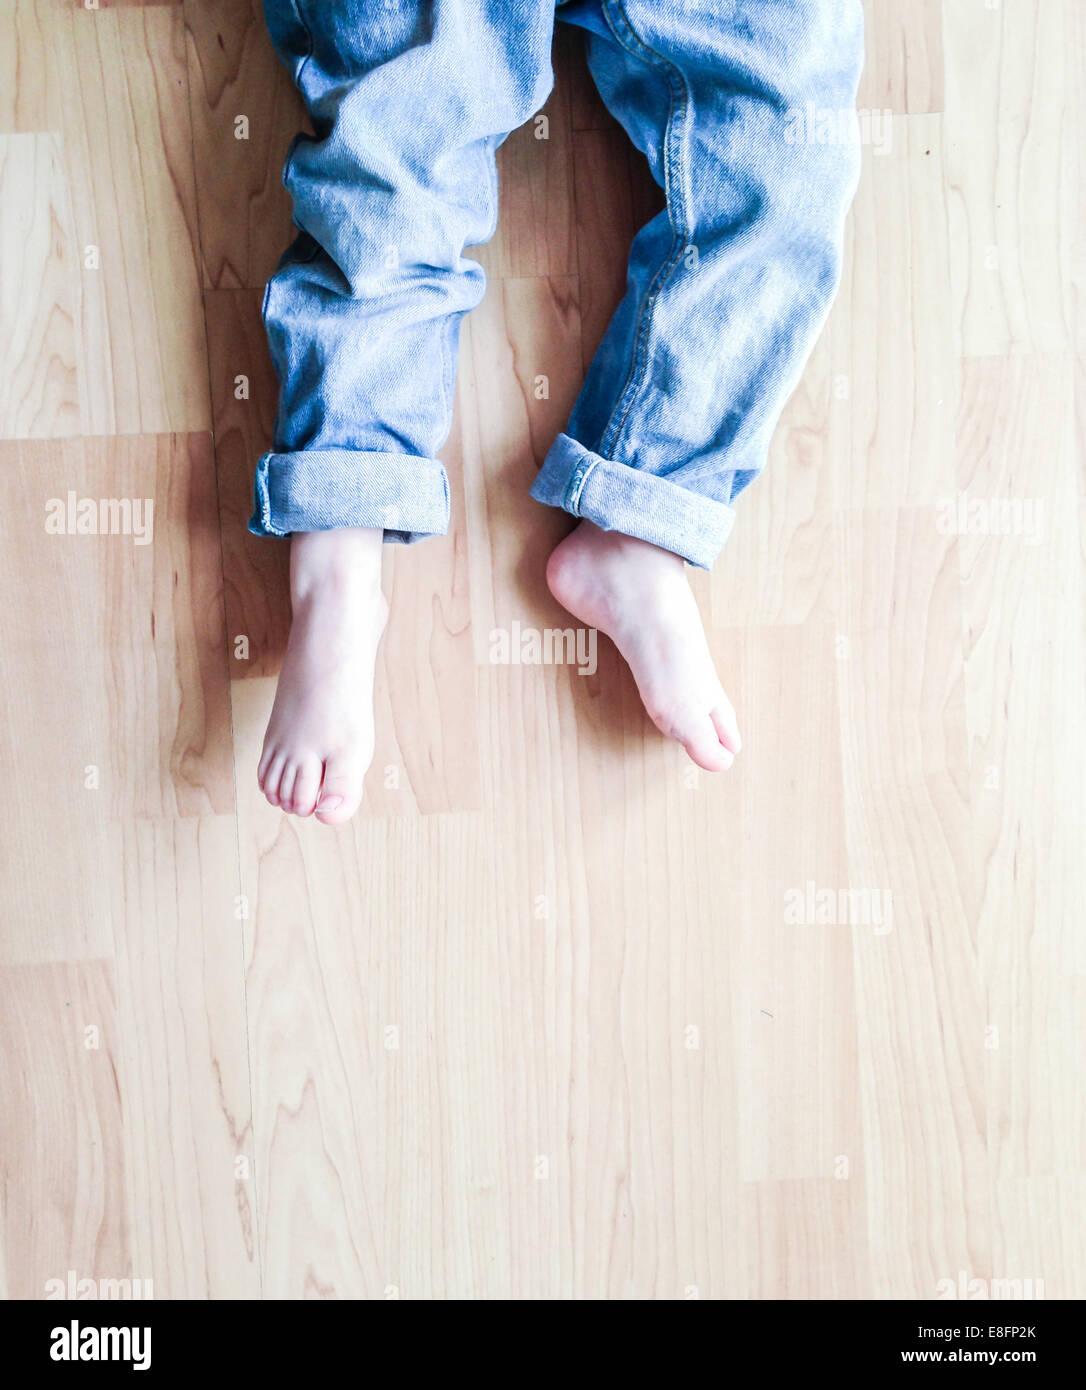 Vue de dessus de jambes du garçon lying on floor Photo Stock